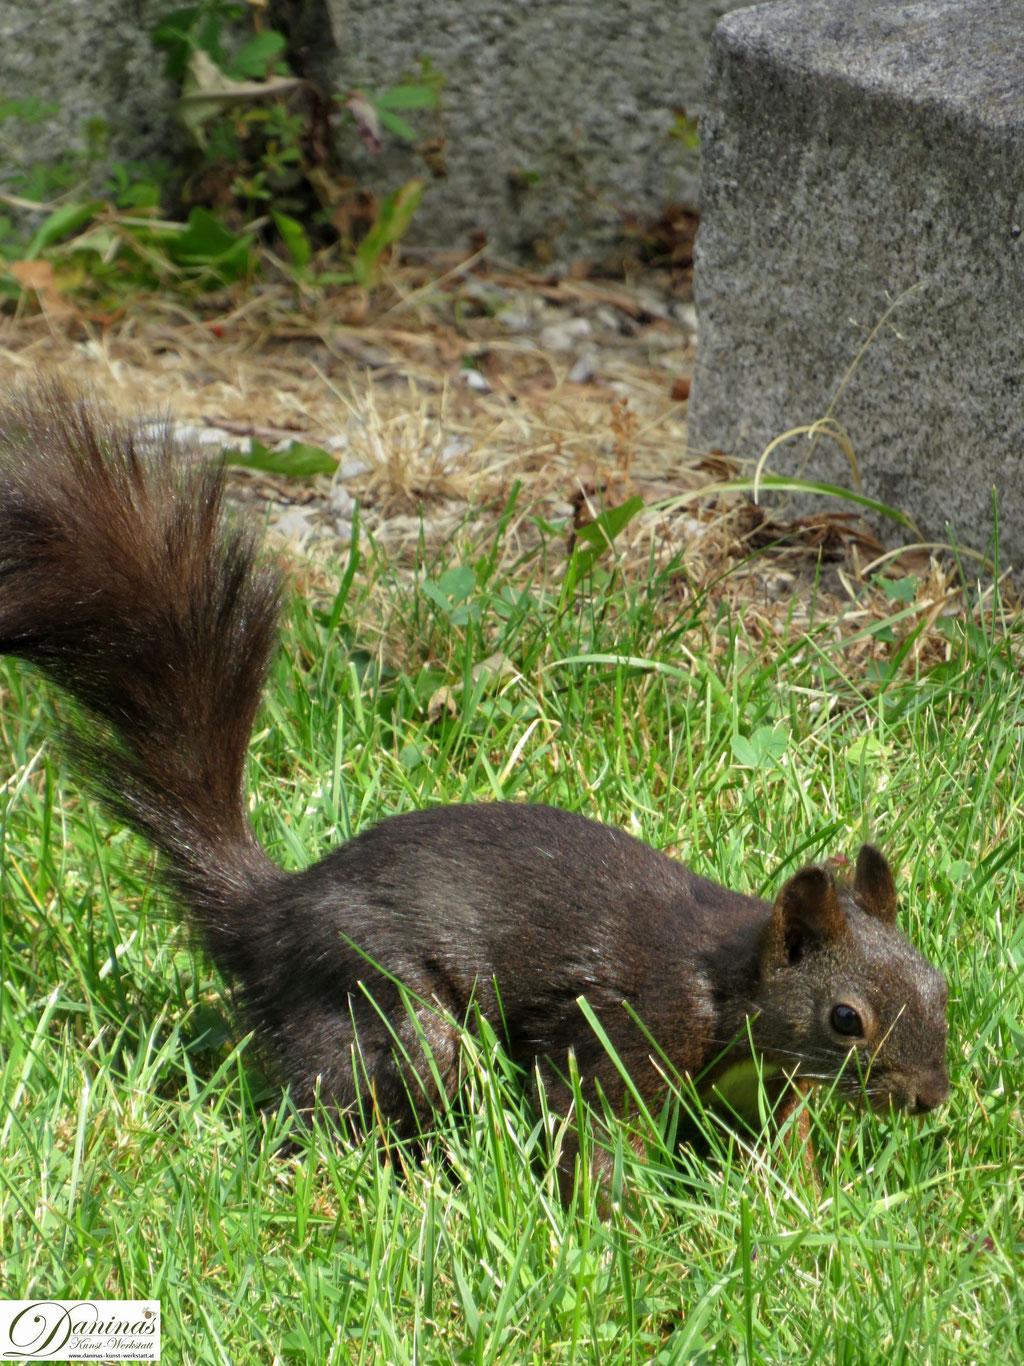 Eichhörnchen auf Nahrungssuche im Rasen.